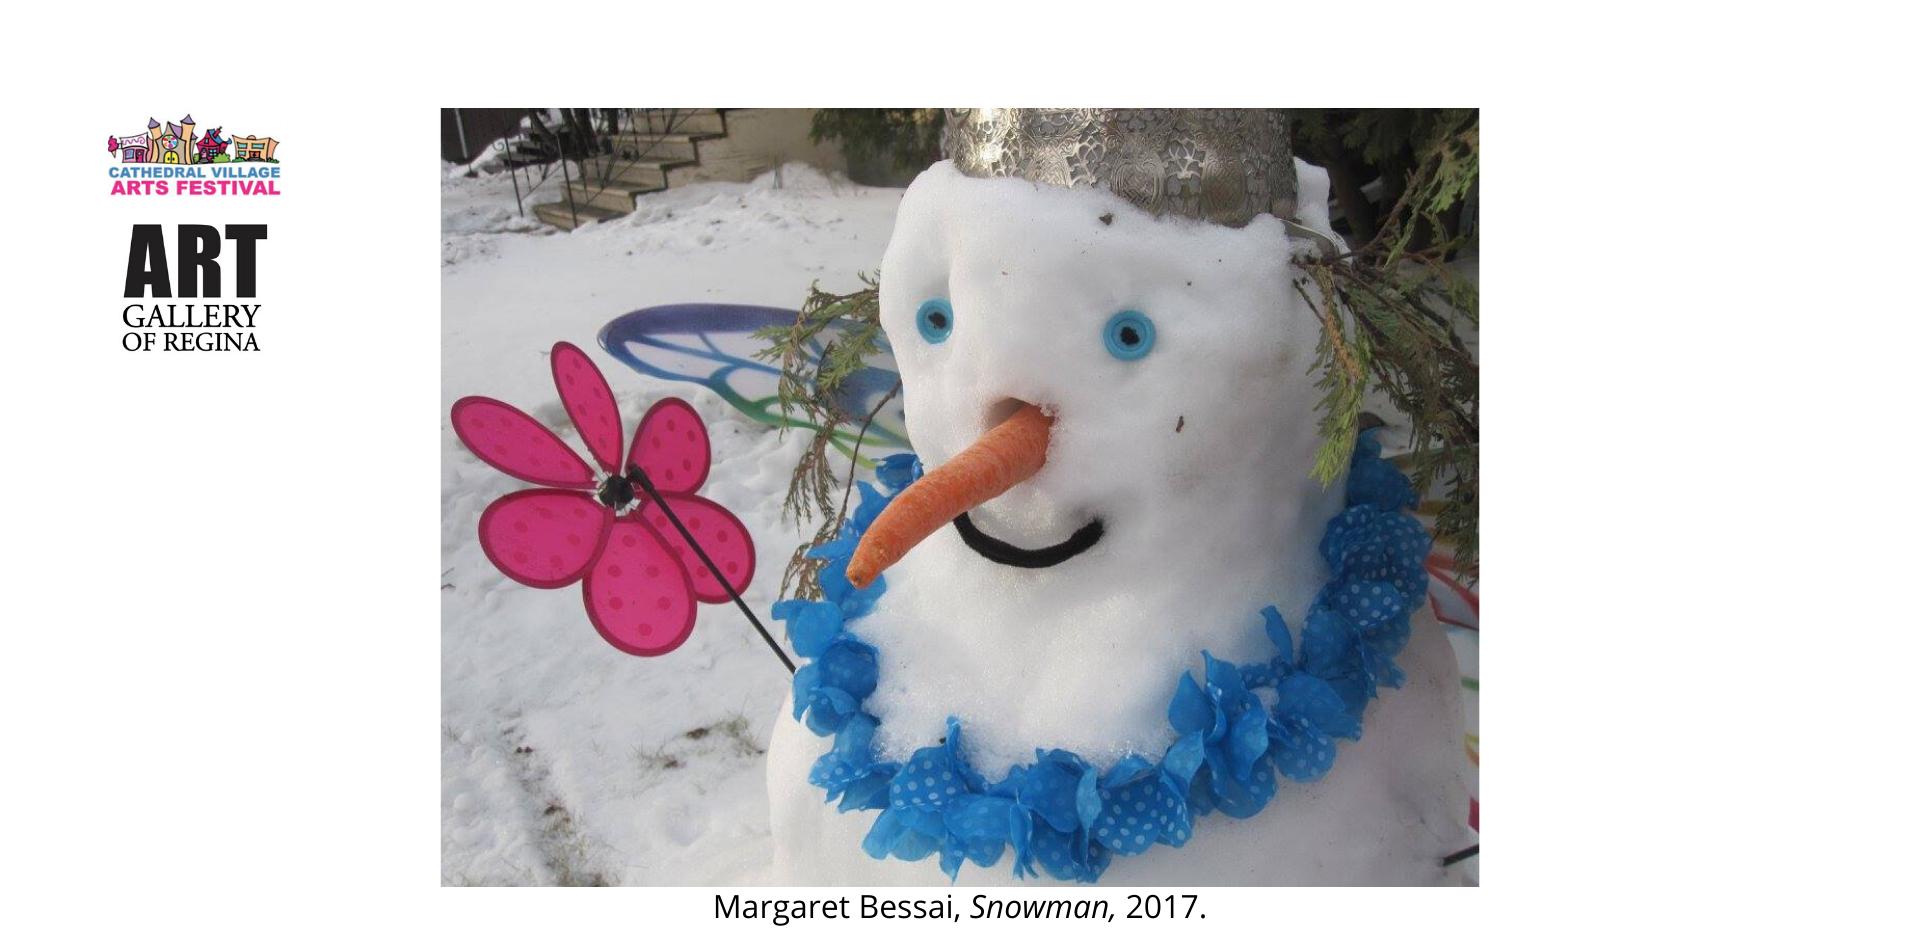 Margaret Bessai, Snowman,2017.